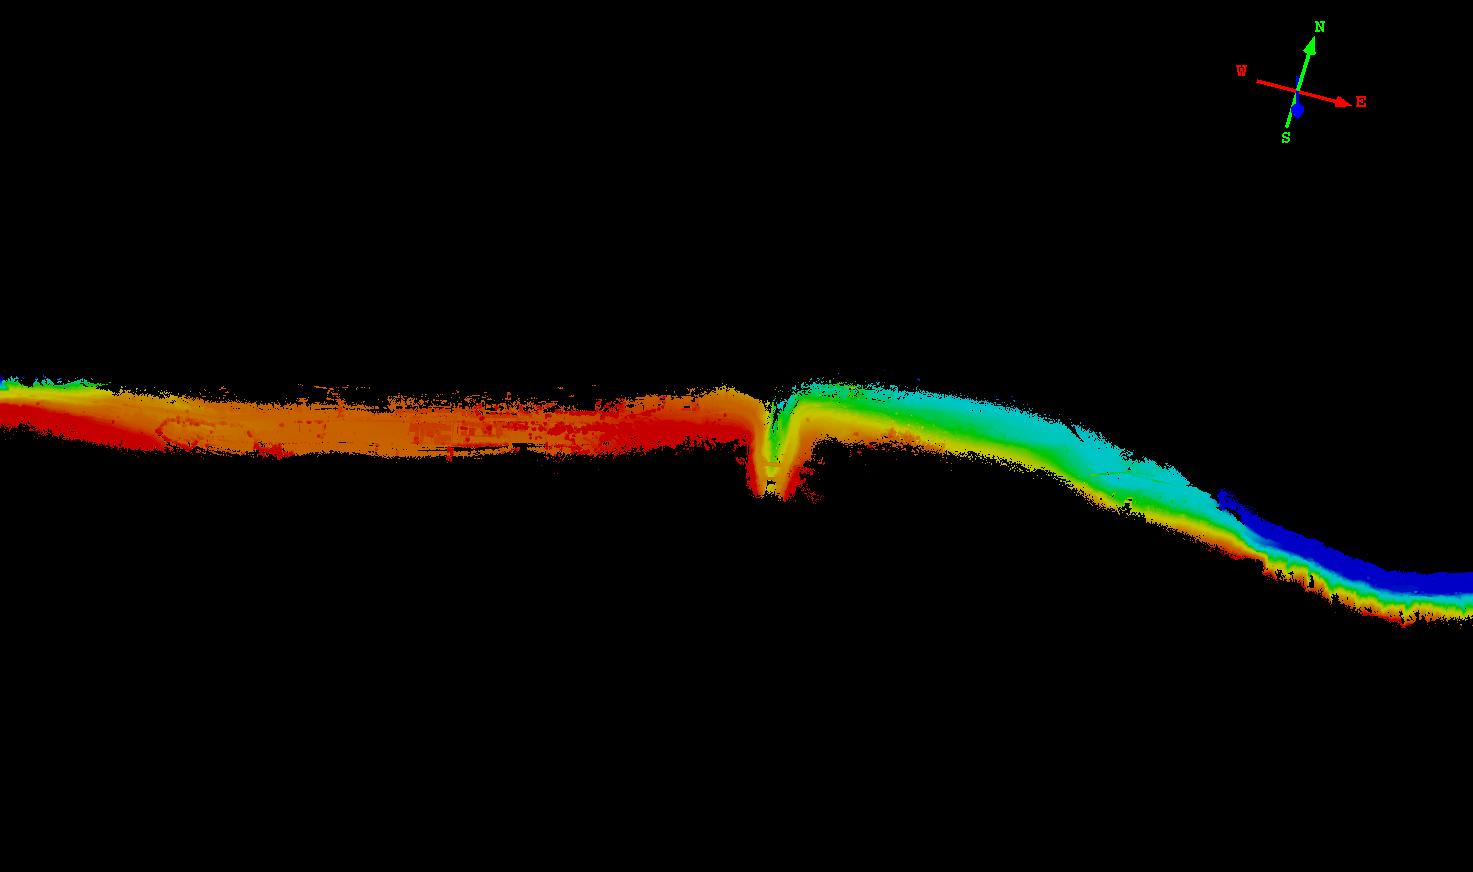 机载激光雷达系统在复杂地形测量中的应用,复杂地形测量的点云成果展示图,华测激光雷达系统应用于复杂地形测量中的案例分享